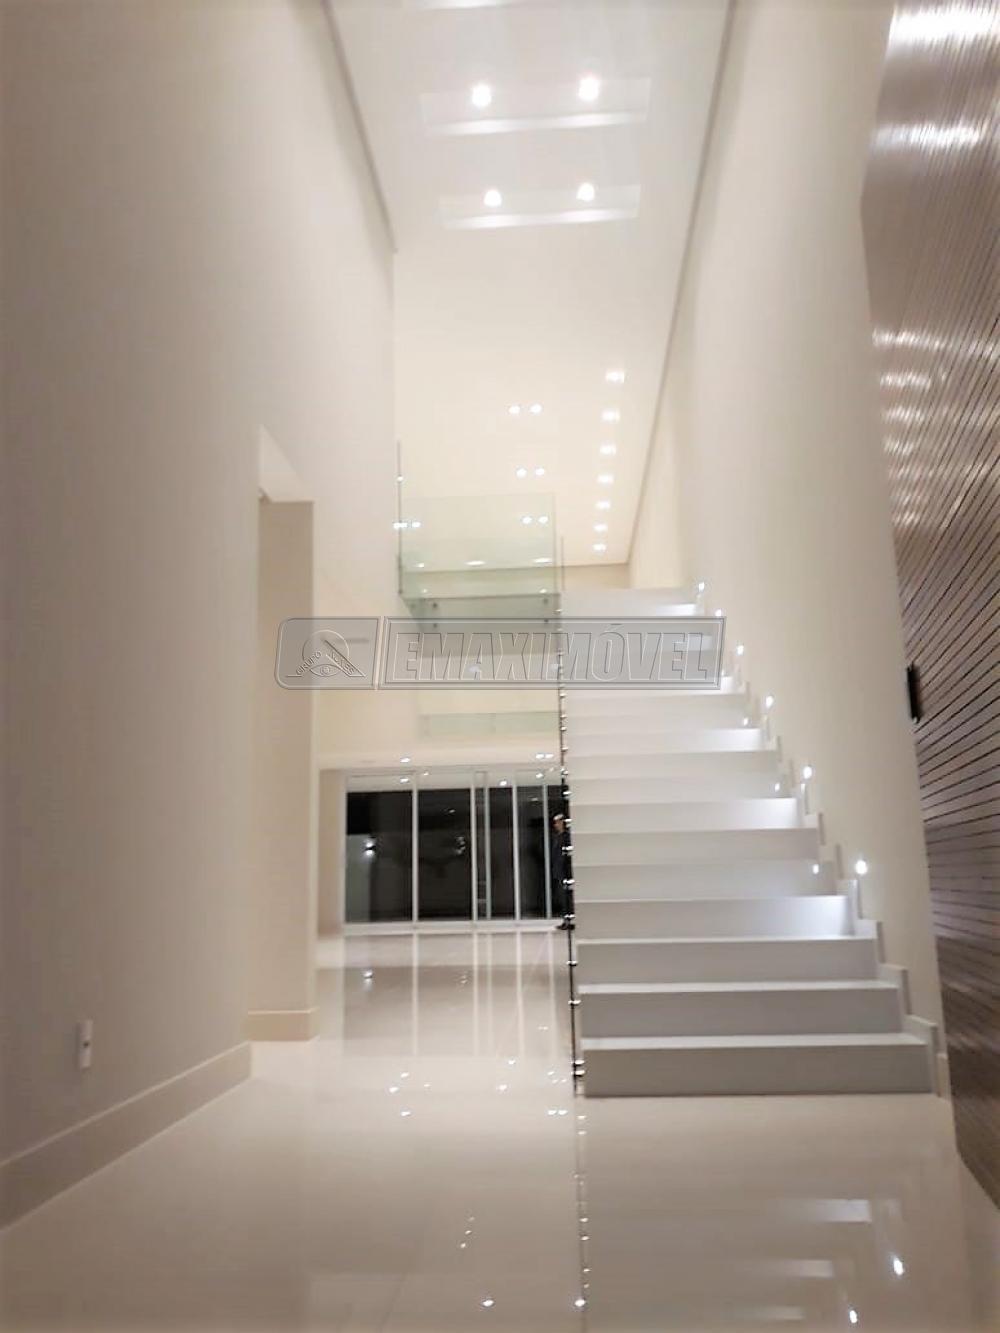 Comprar Casas / em Condomínios em Sorocaba apenas R$ 3.600.000,00 - Foto 3